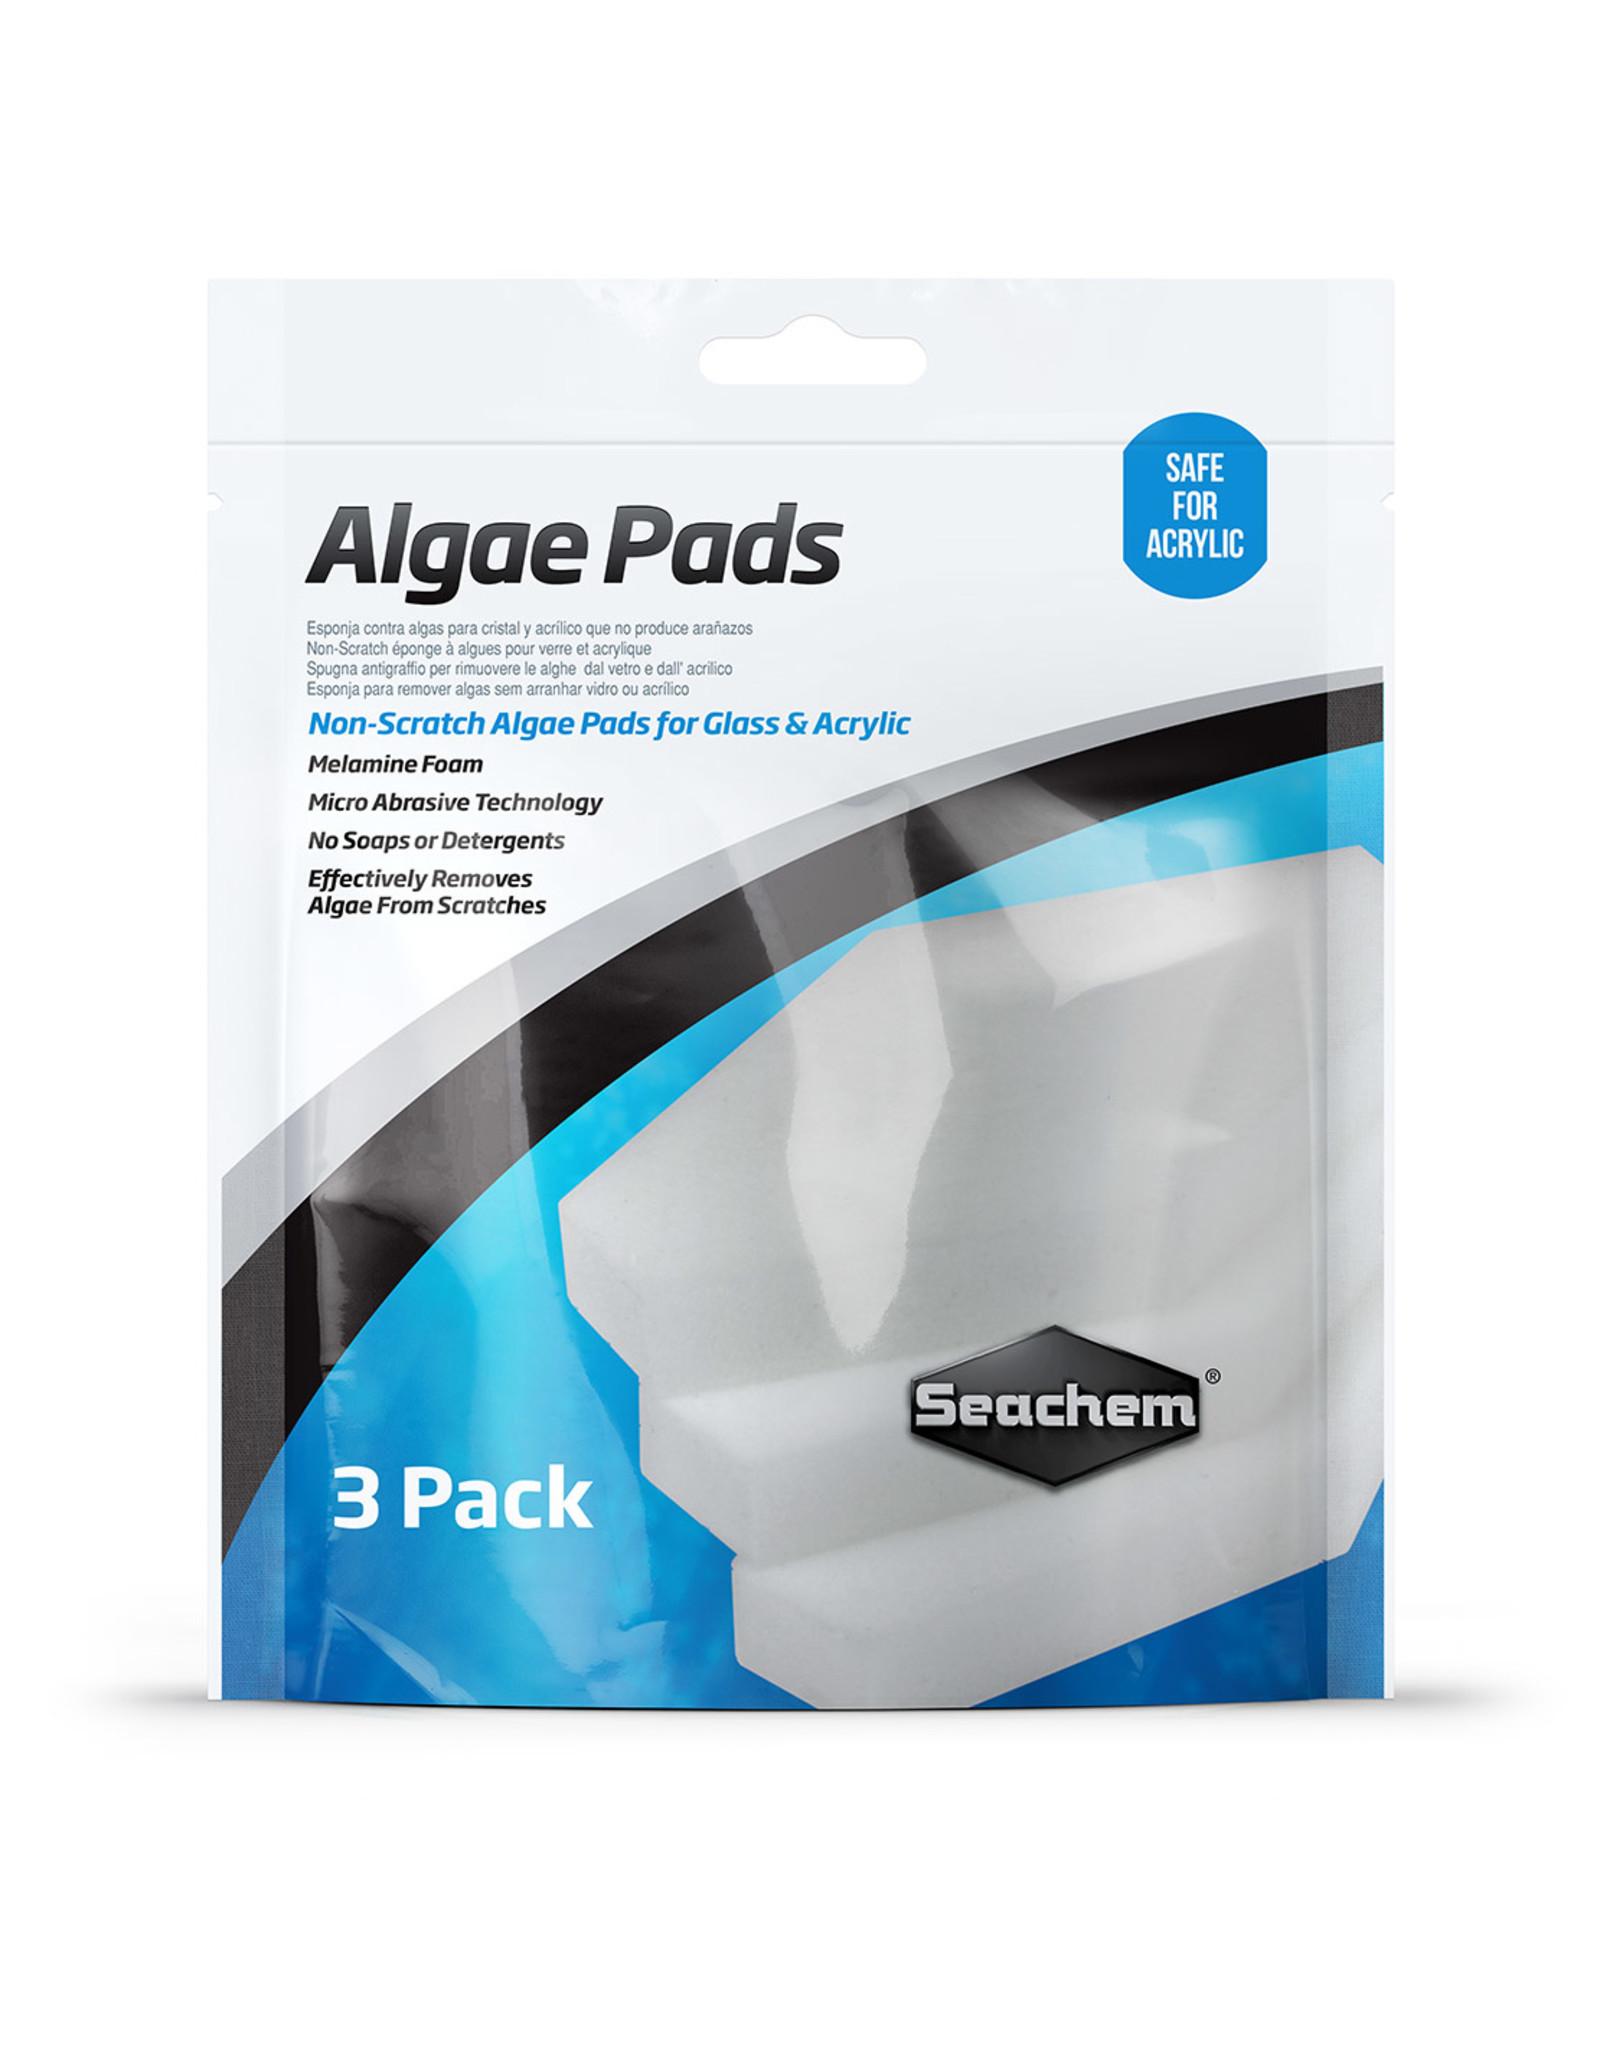 Seachem SEACHEM Algae Pad 3 pack Bag for Glass and Acrylic